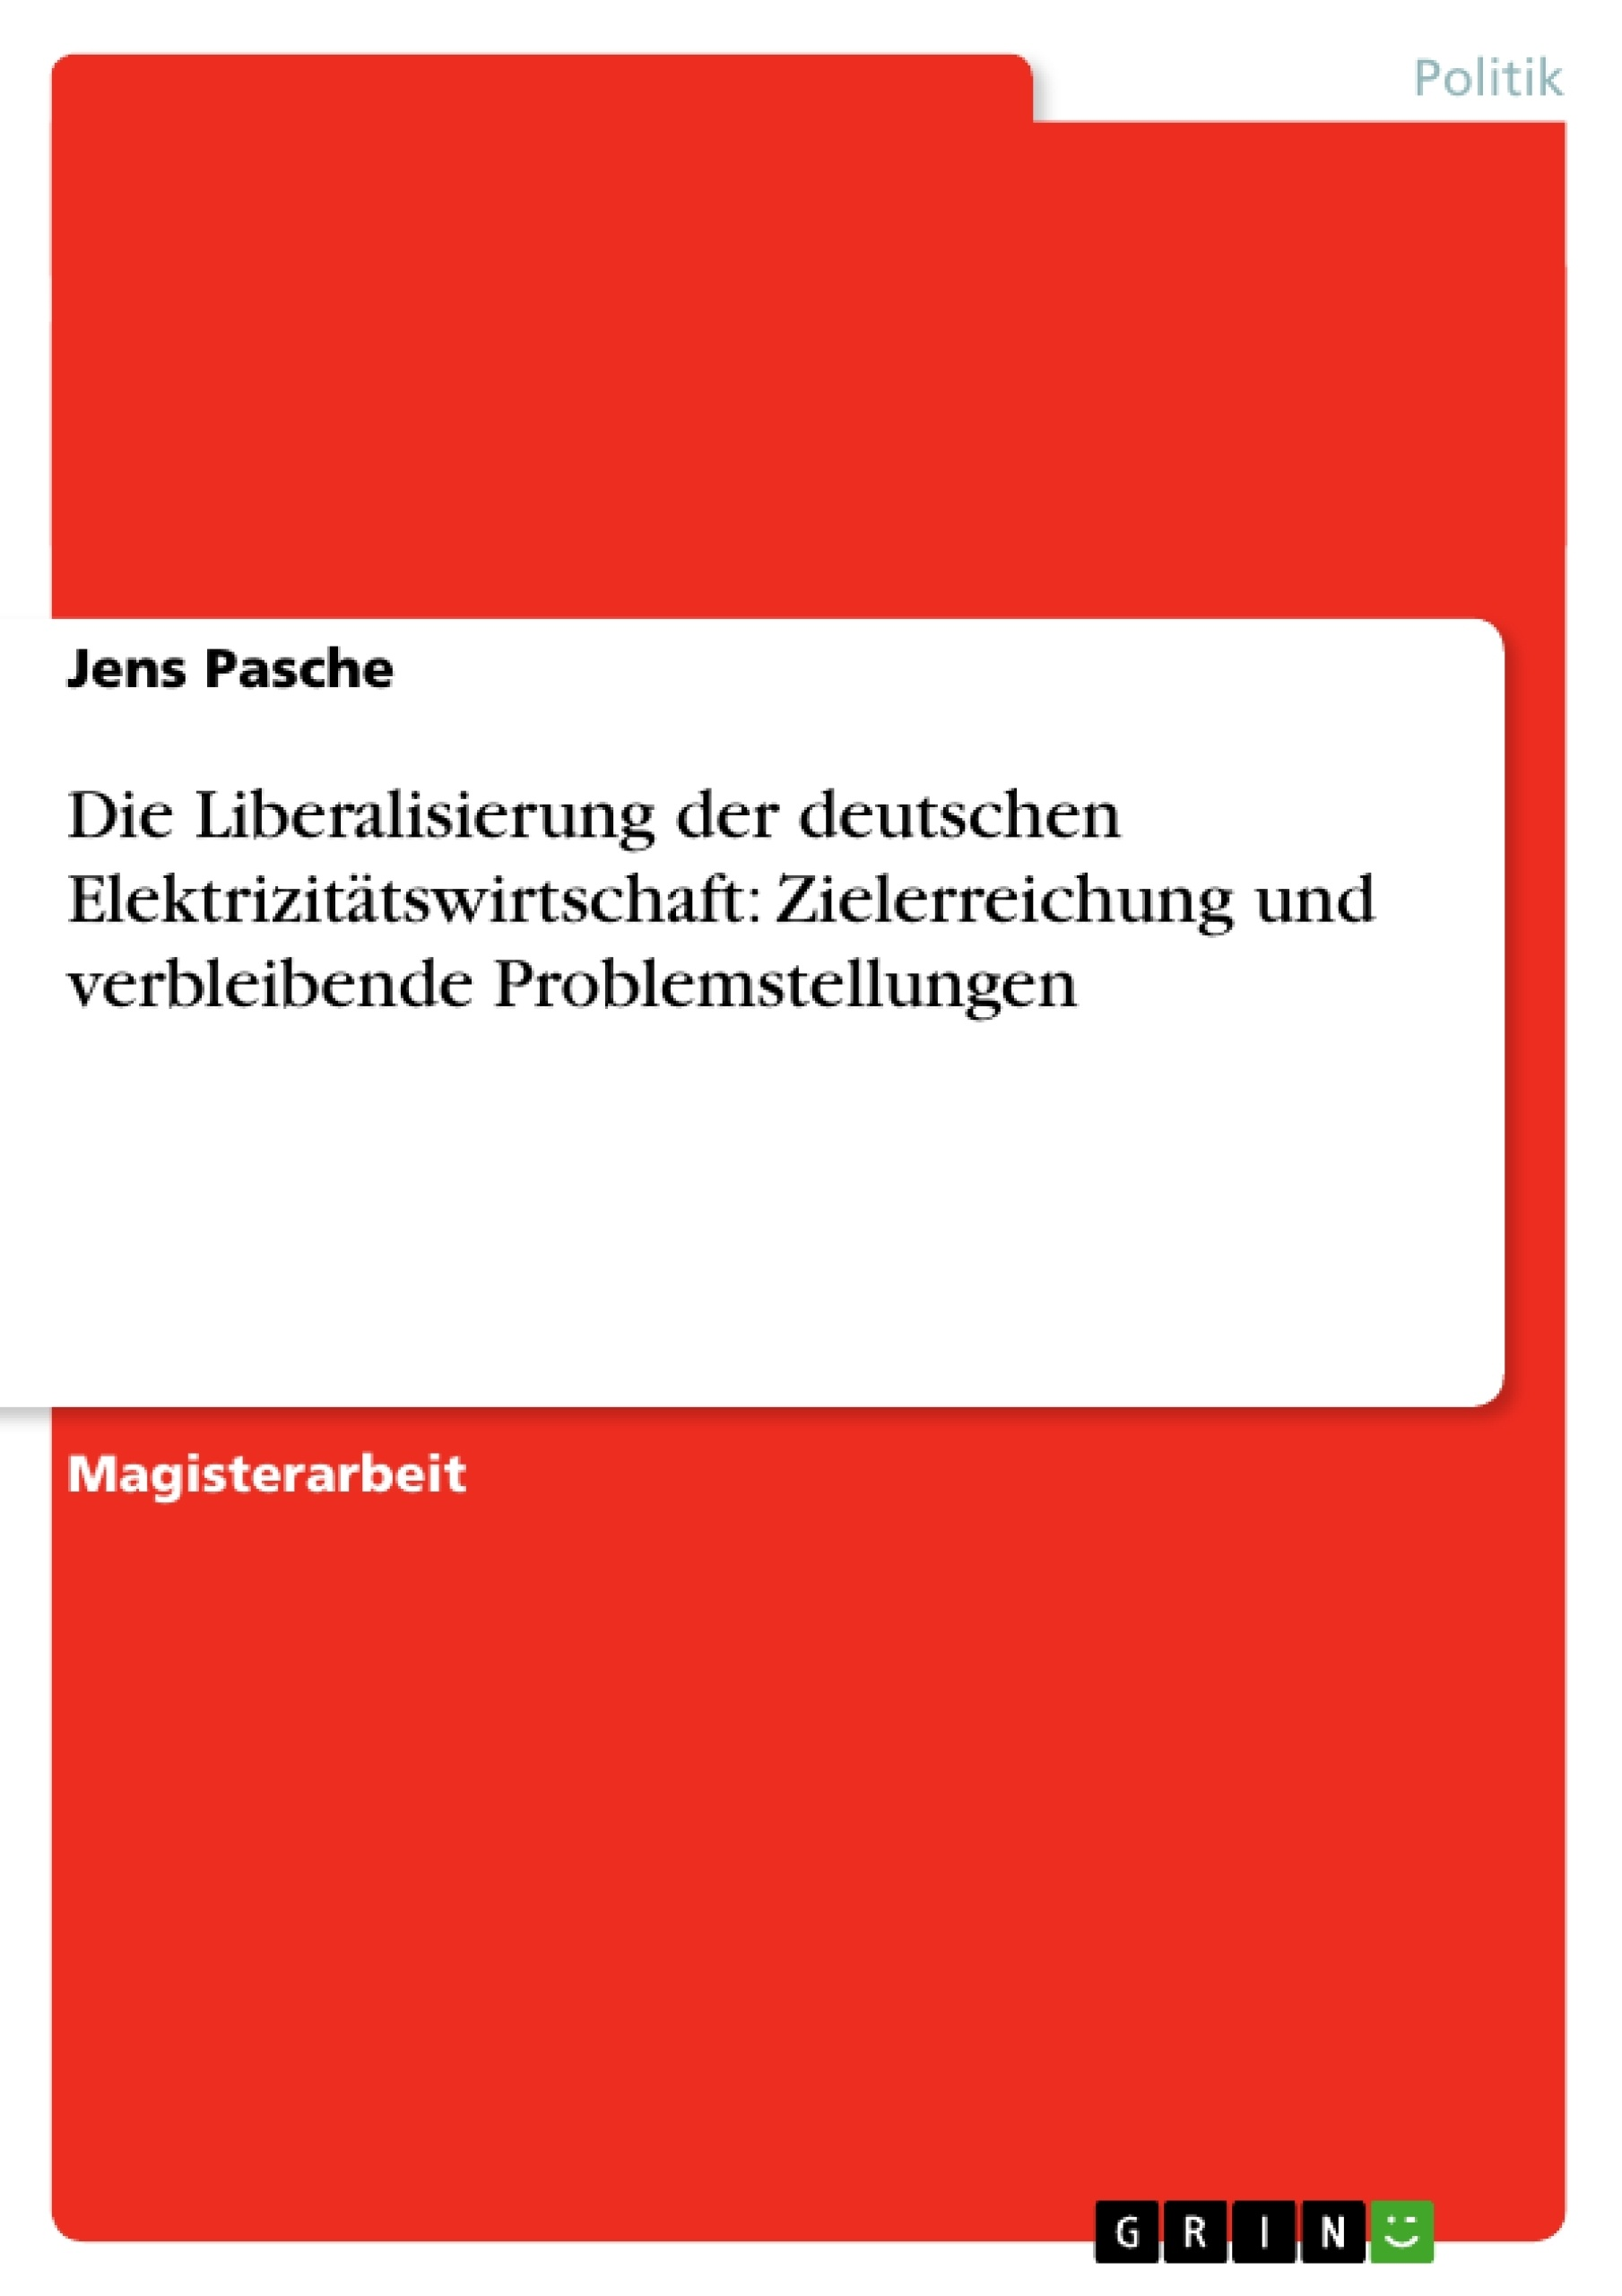 Titel: Die Liberalisierung der deutschen Elektrizitätswirtschaft: Zielerreichung und verbleibende Problemstellungen